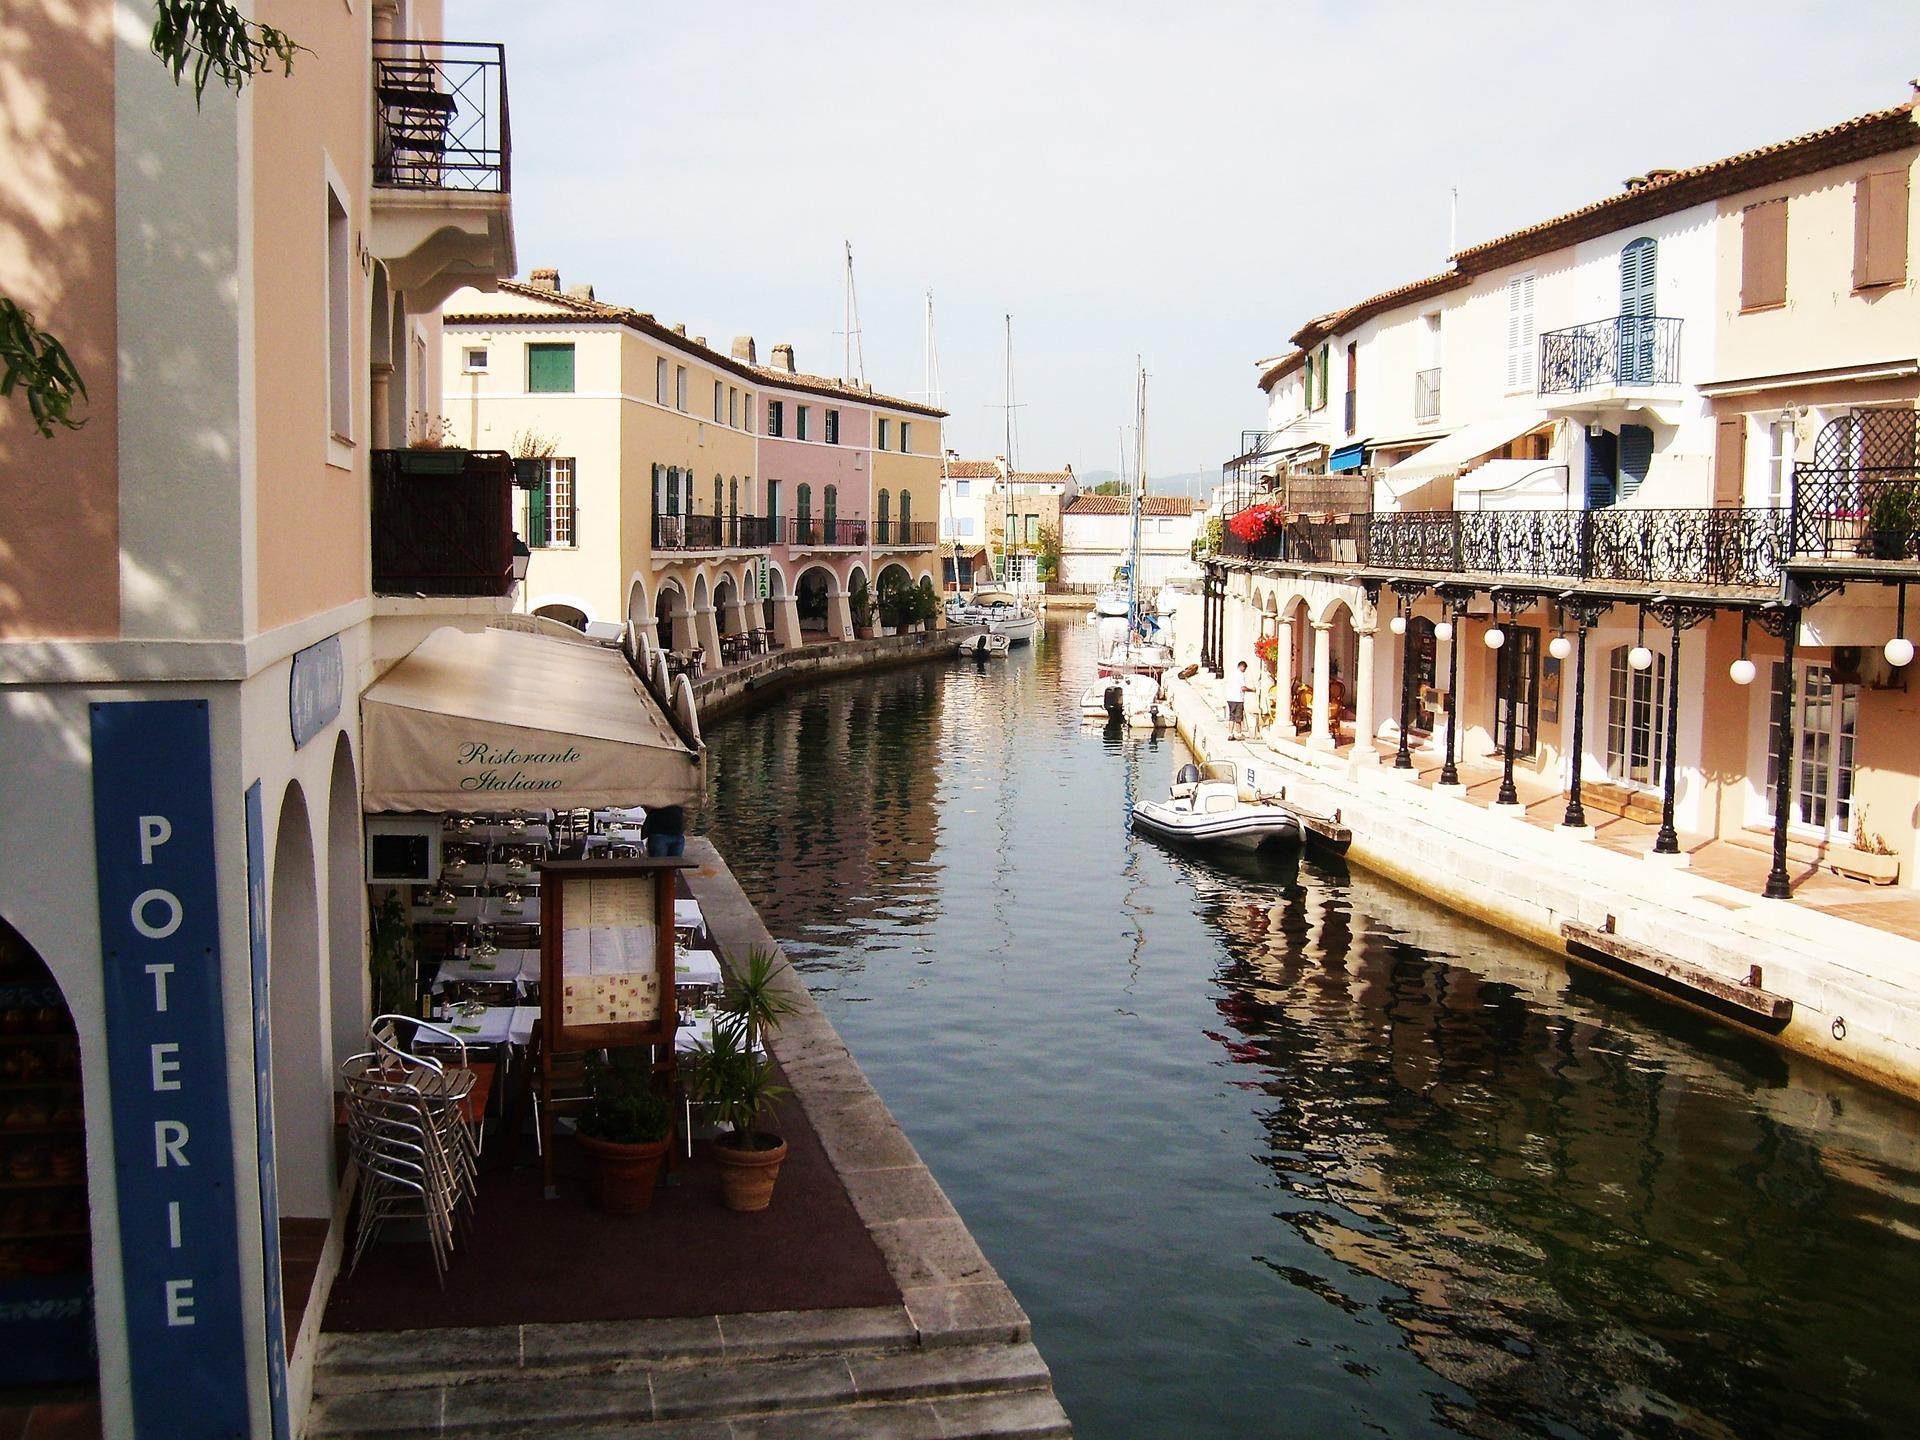 Dans Port-Grimaud, la Venise provençale - CC0 Benjamin Lescure